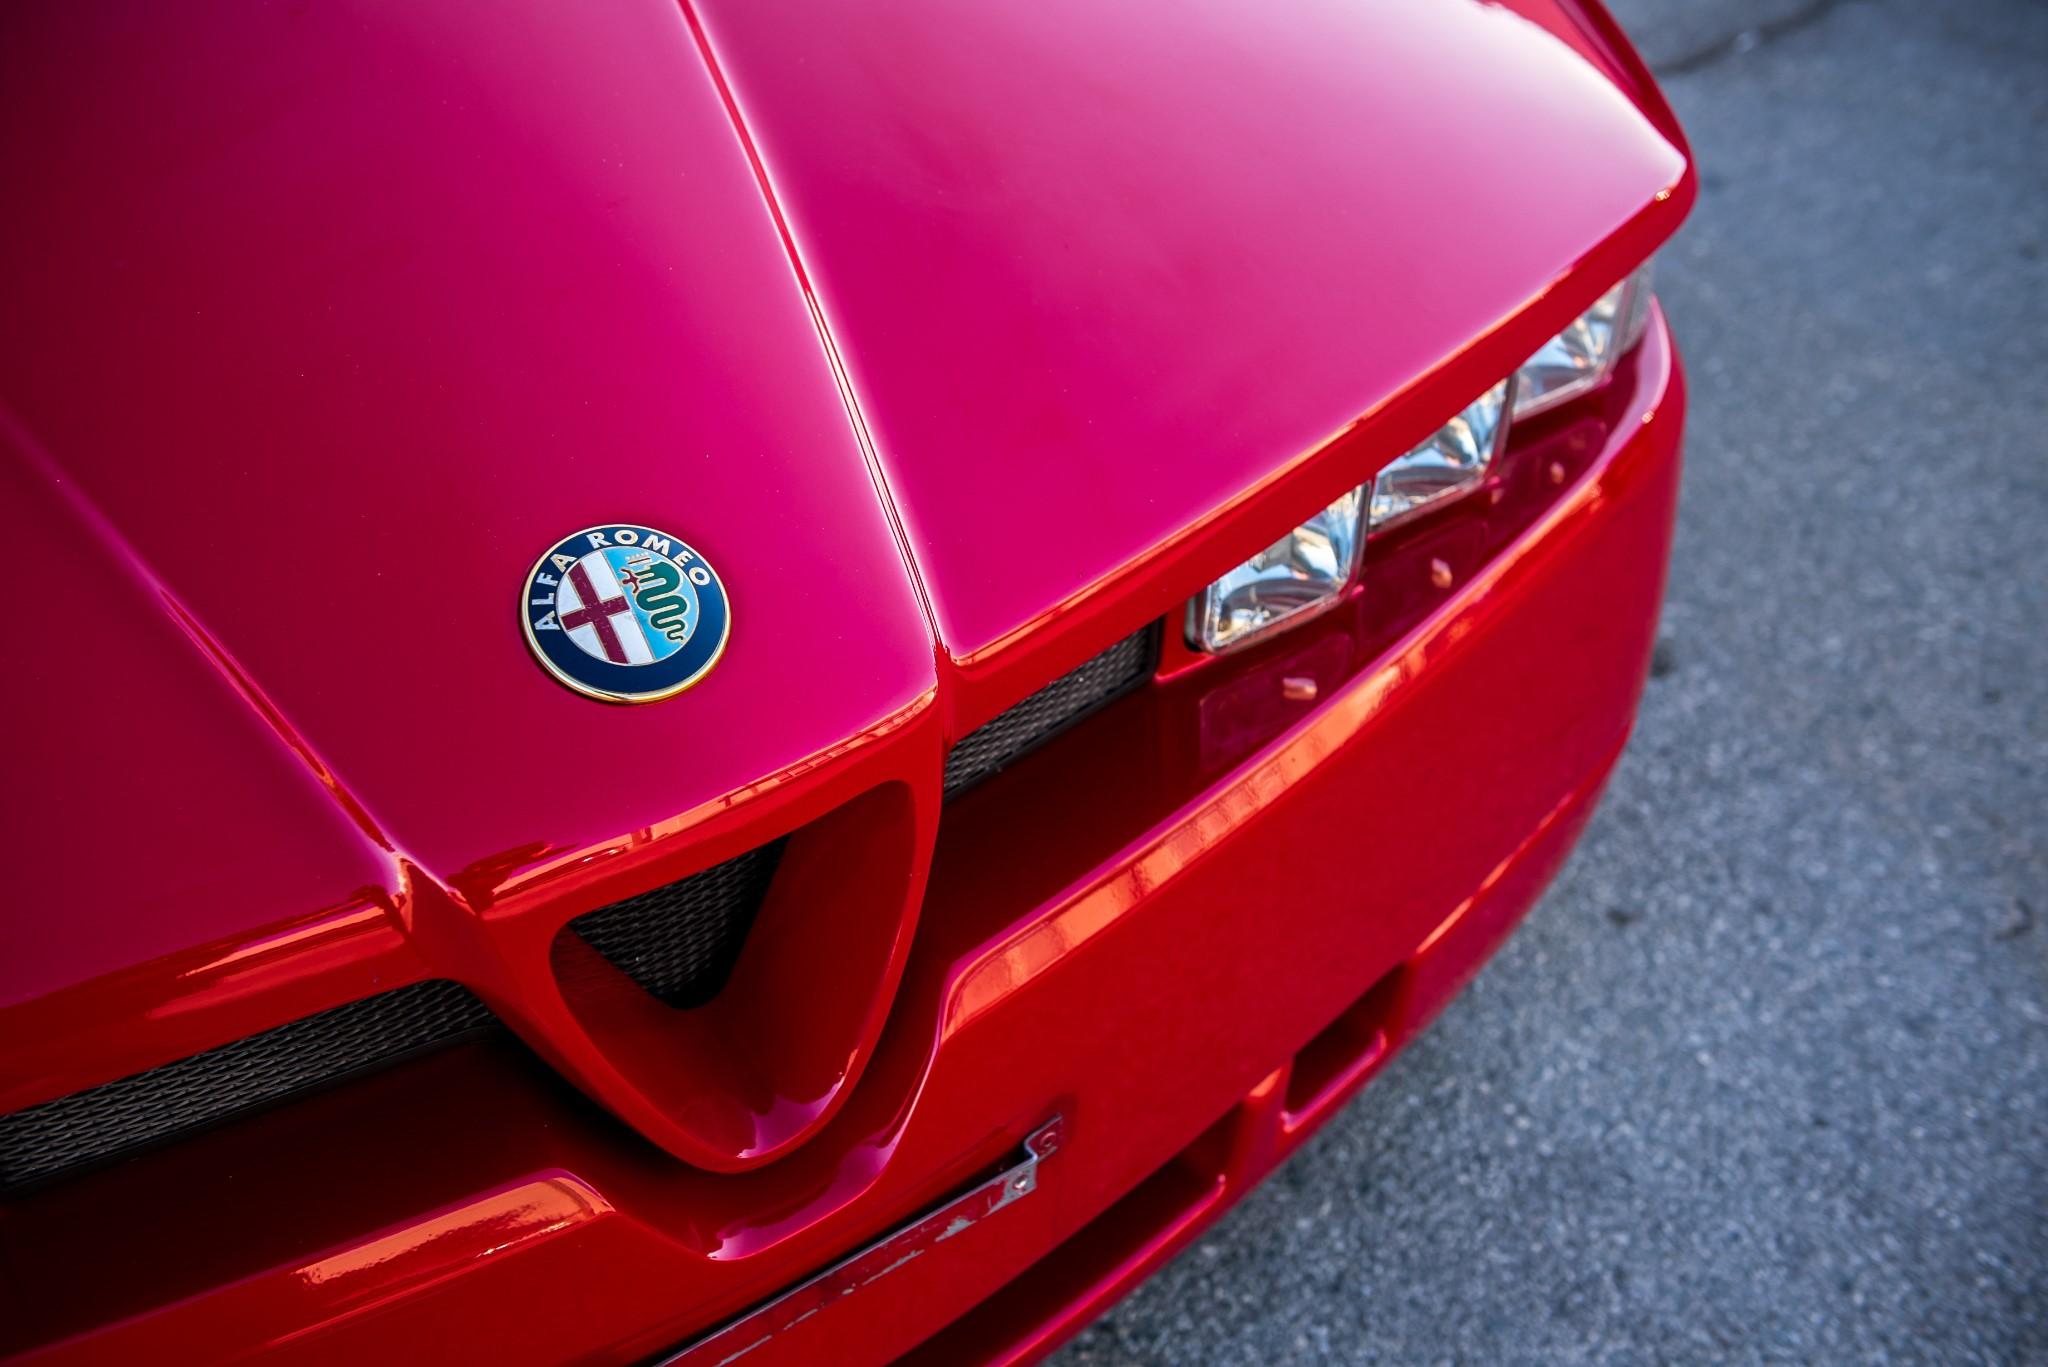 1991 Alfa Romeo SZ hood detail